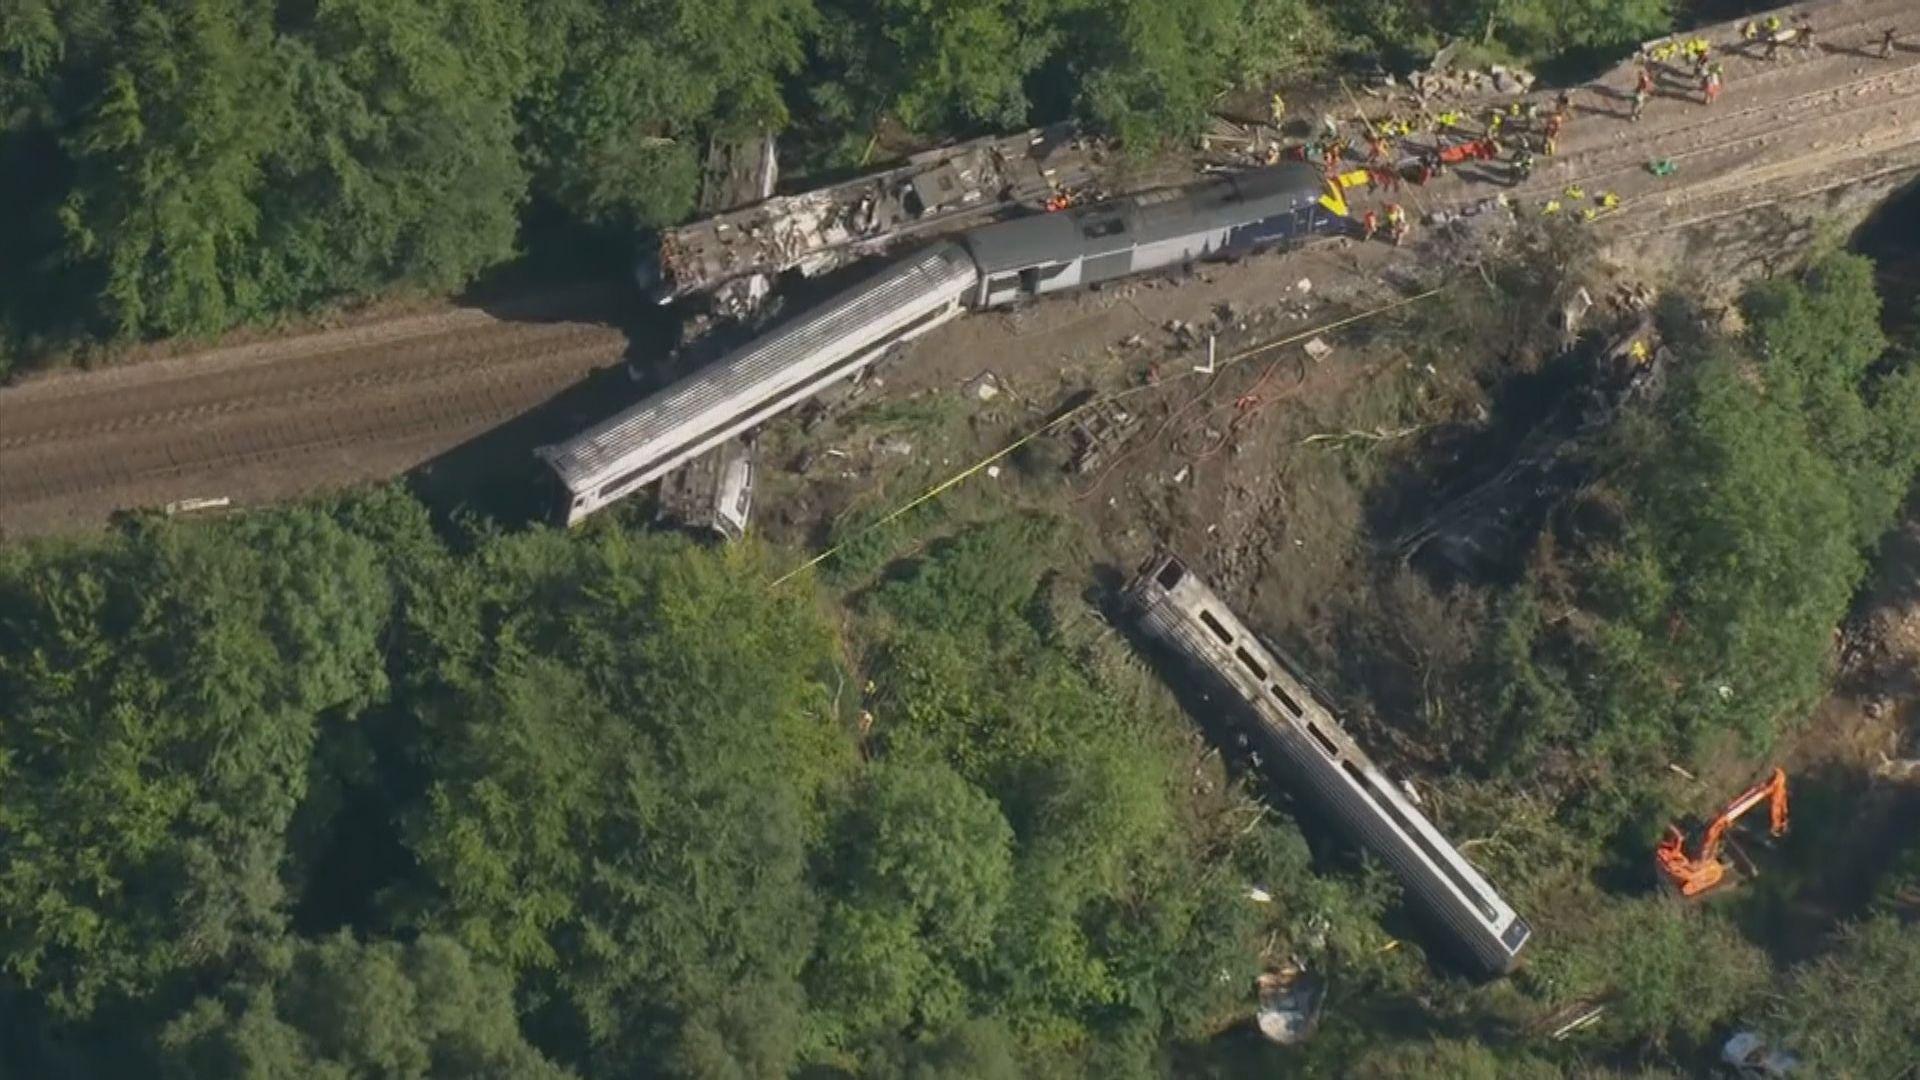 蘇格蘭列車出軌 英首相約翰遜表示會徹查事故原因